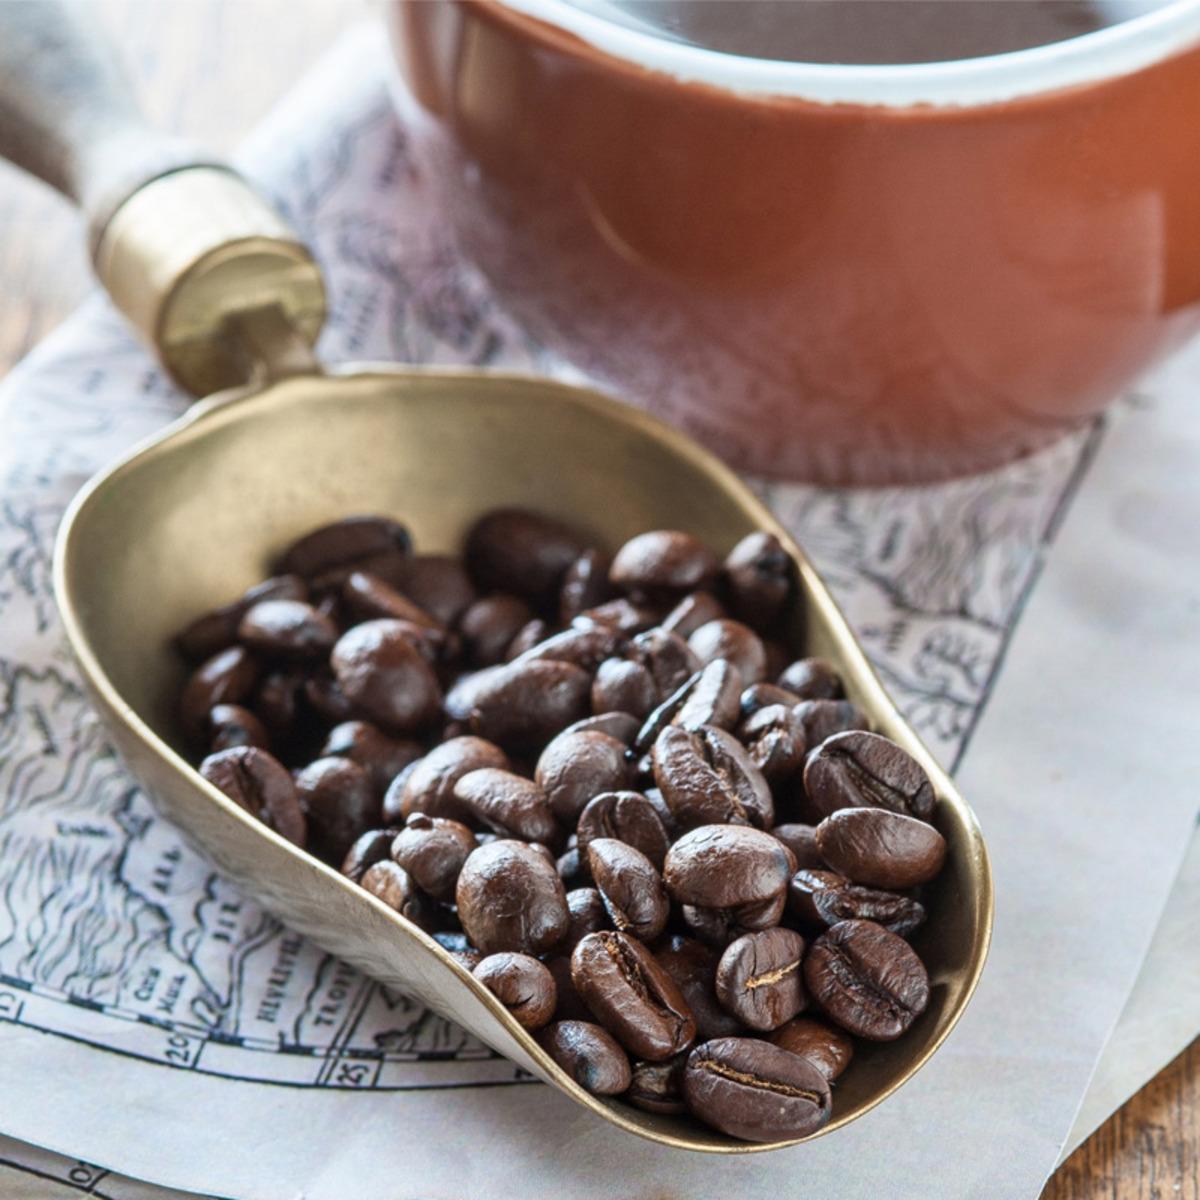 фото кофе мокка Ява